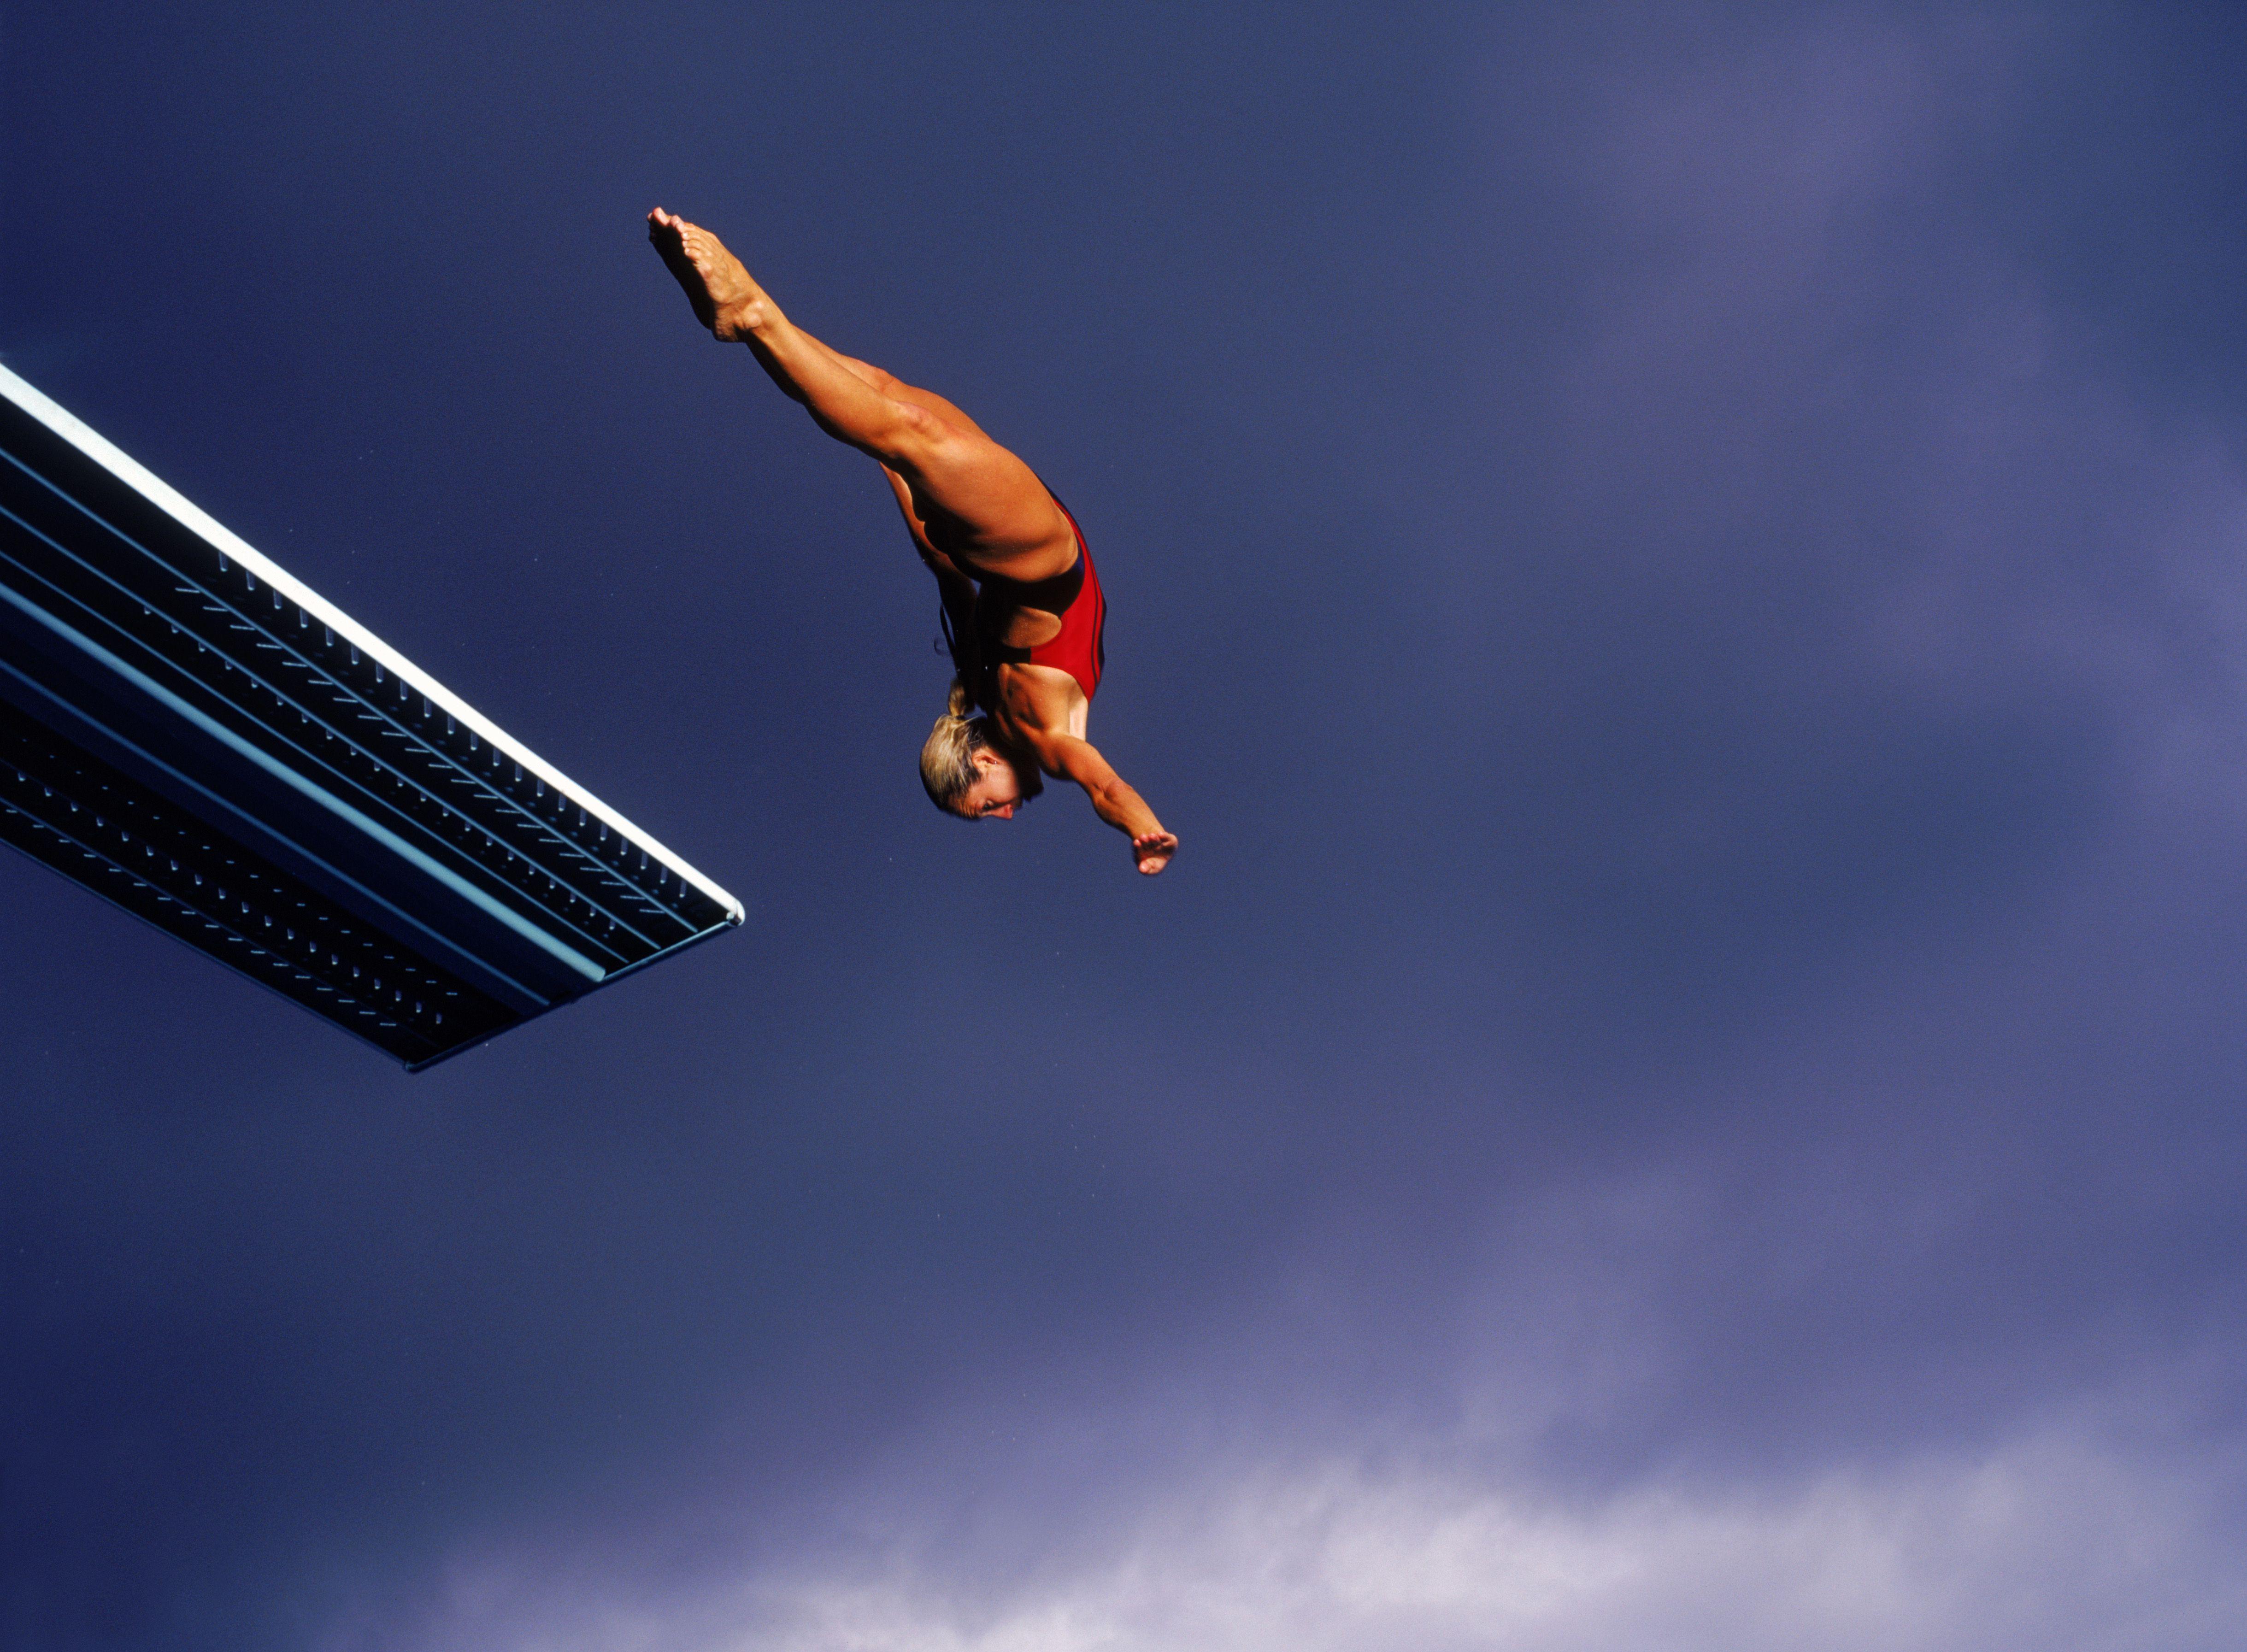 Diver performing a twisting dive.